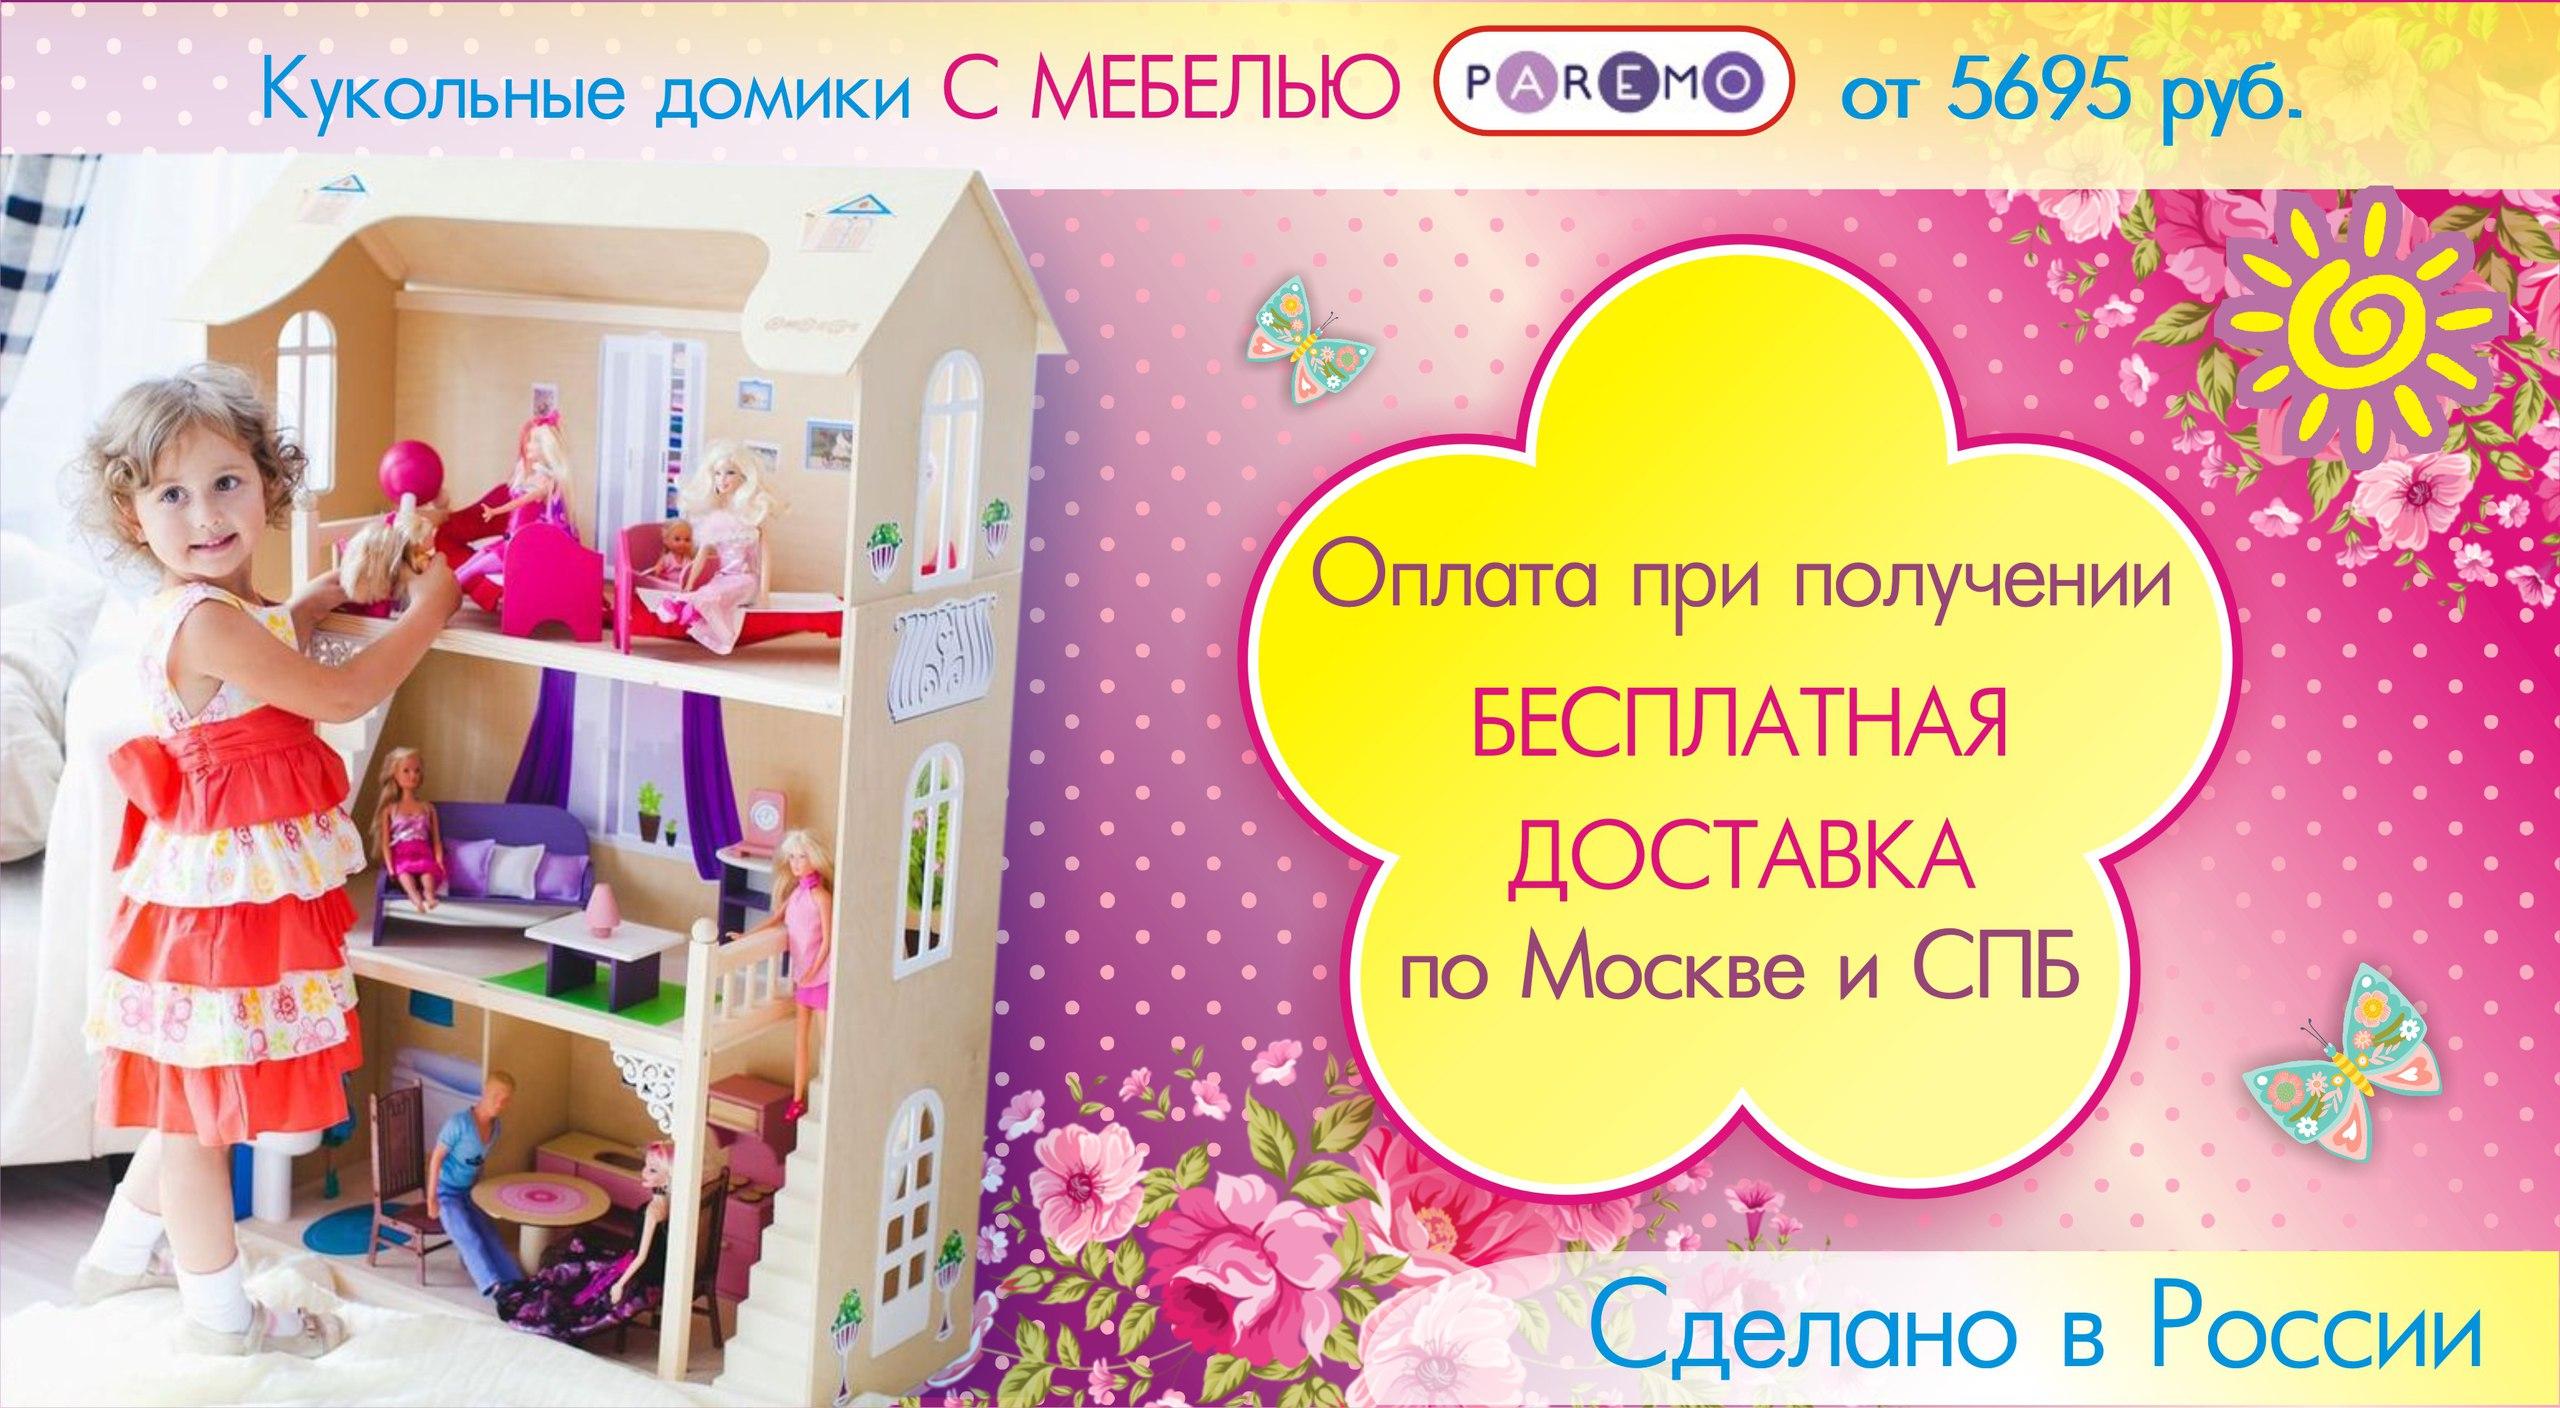 Фото кукольный дом Paremo Паремо